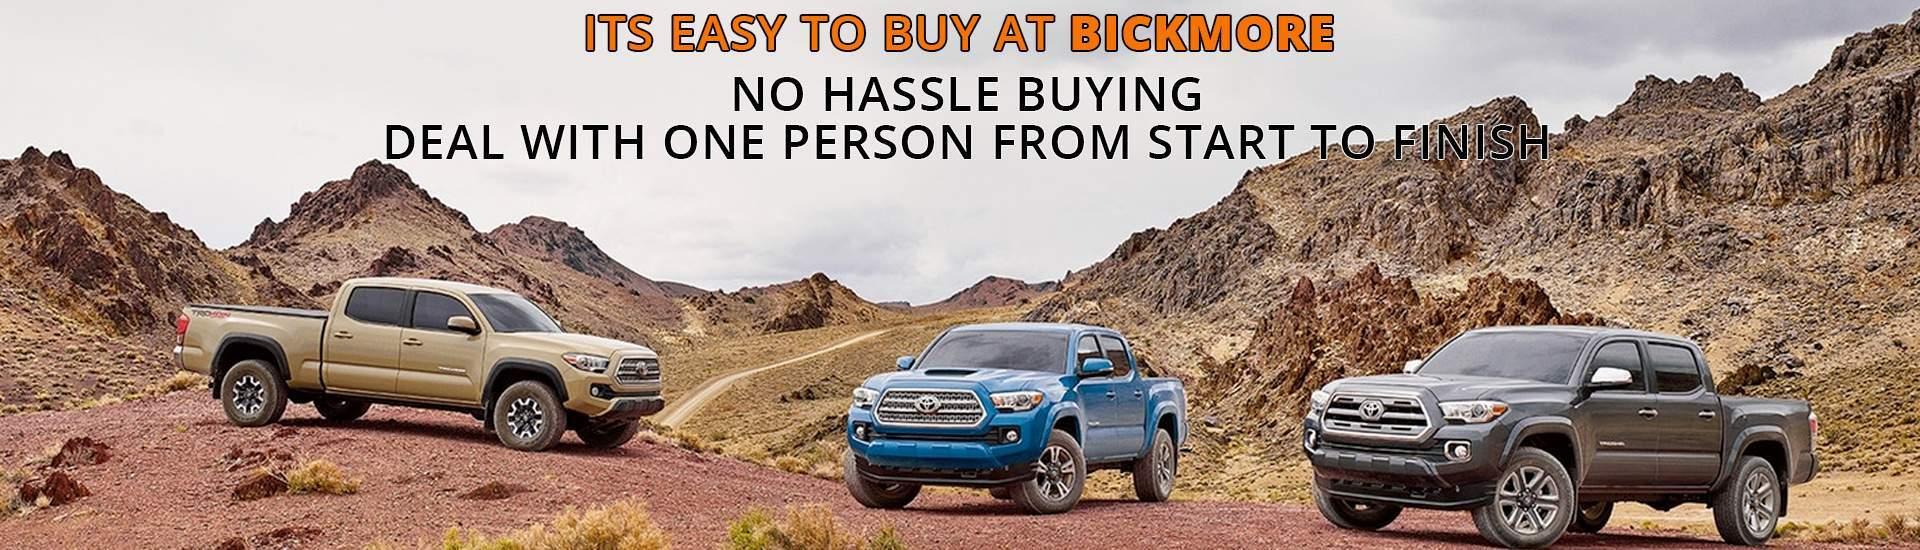 Bickmore auto sales